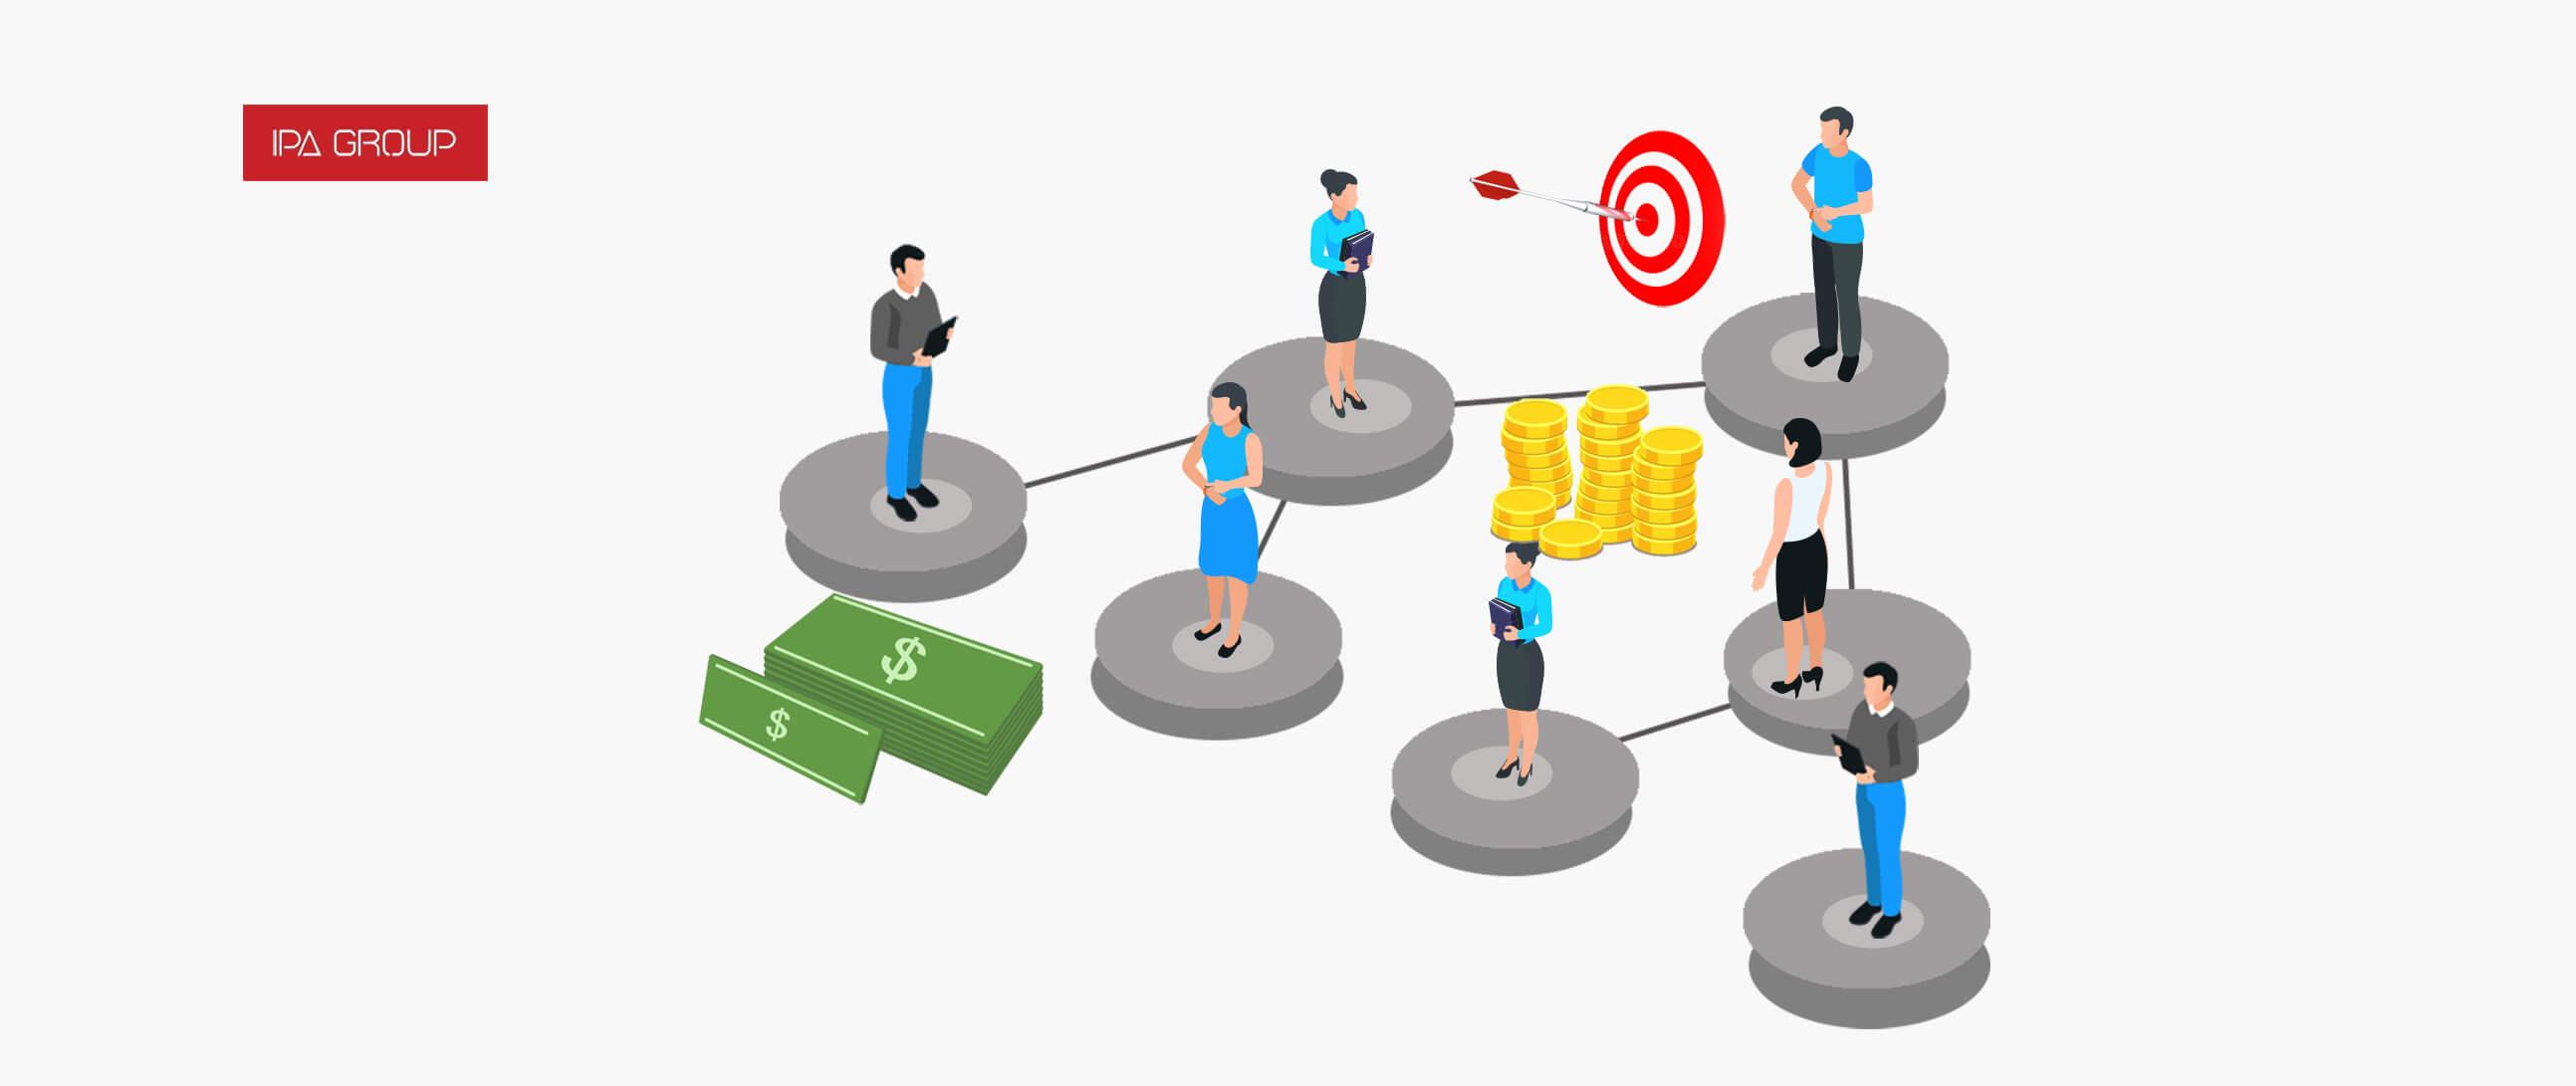 Personas creando alianzas estratégicas con diferentes servicios profesionales